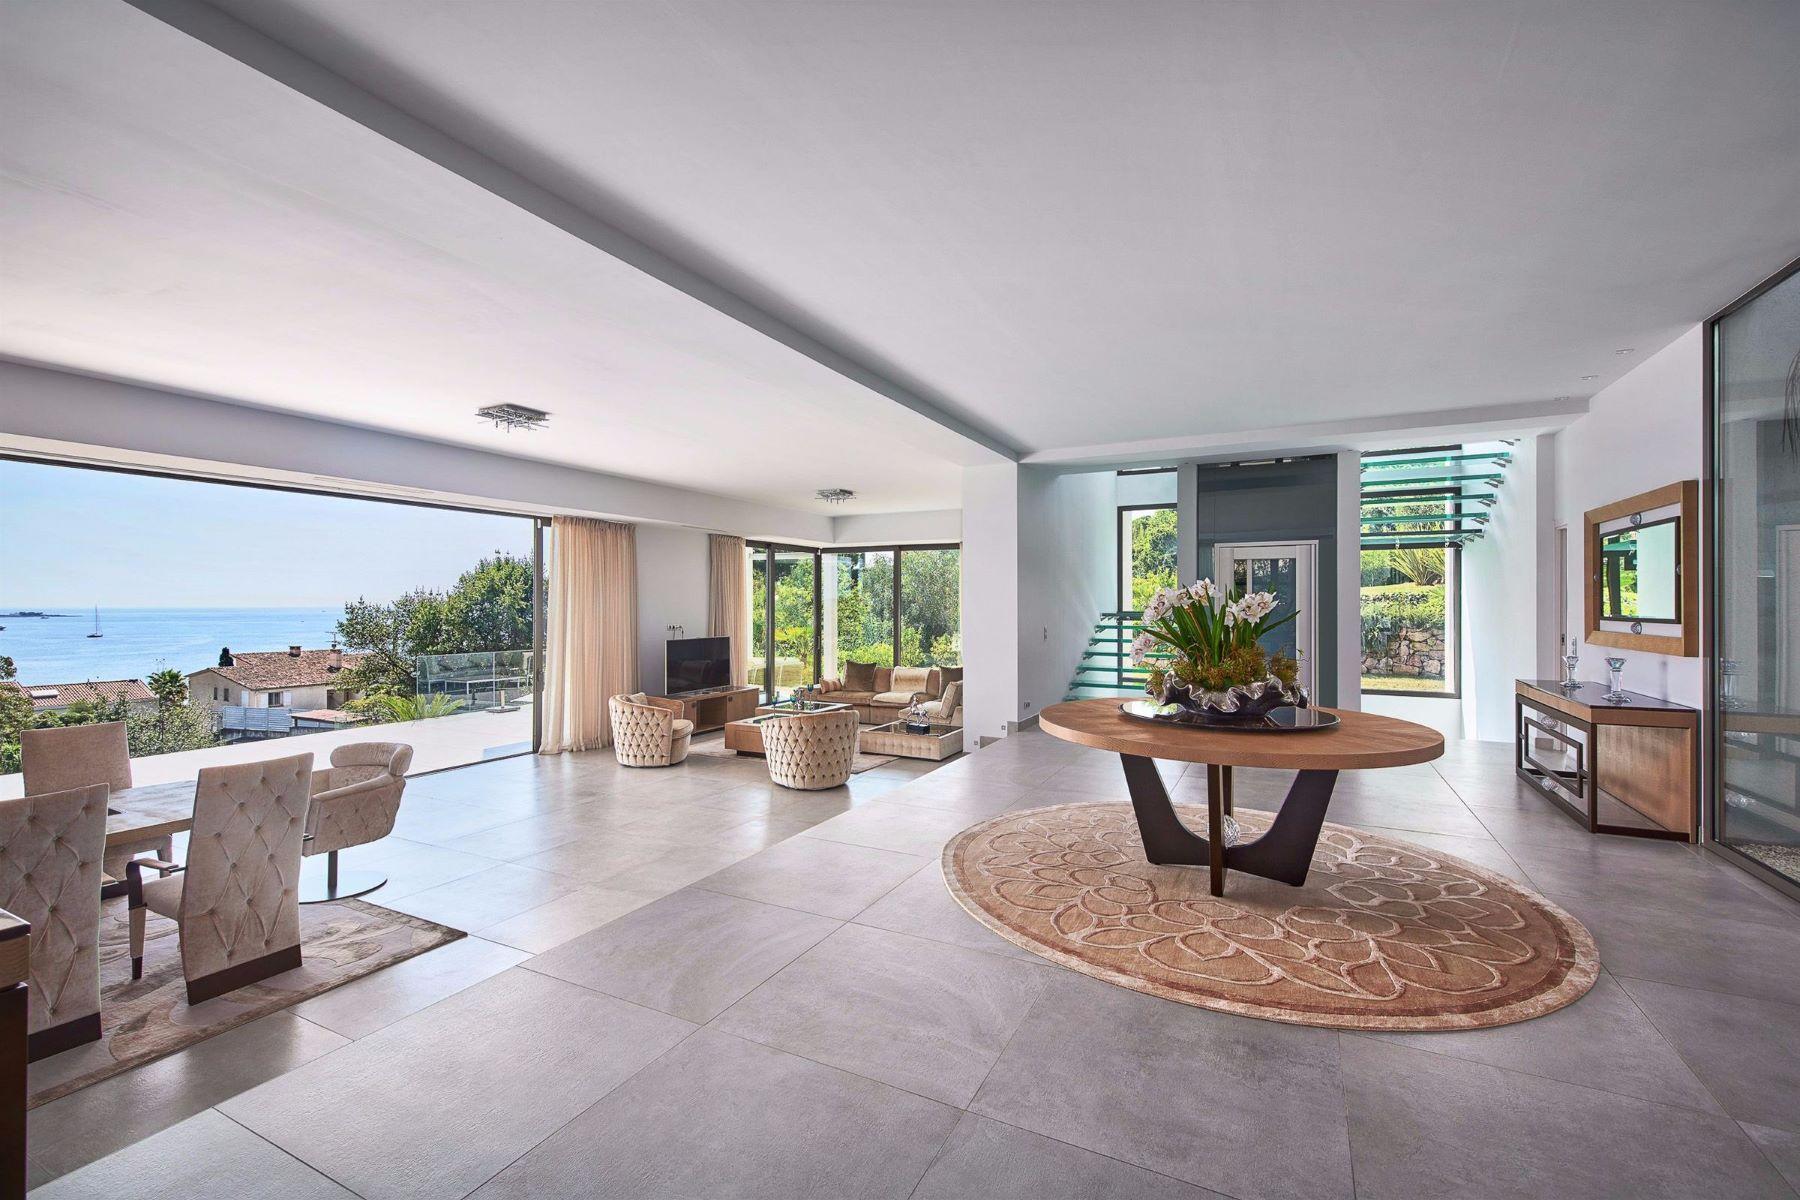 Single Family Homes por un Venta en For sale, a newly built californian style villa - sea views Golfe Juan, Provincia - Alpes - Costa Azul 06220 Francia